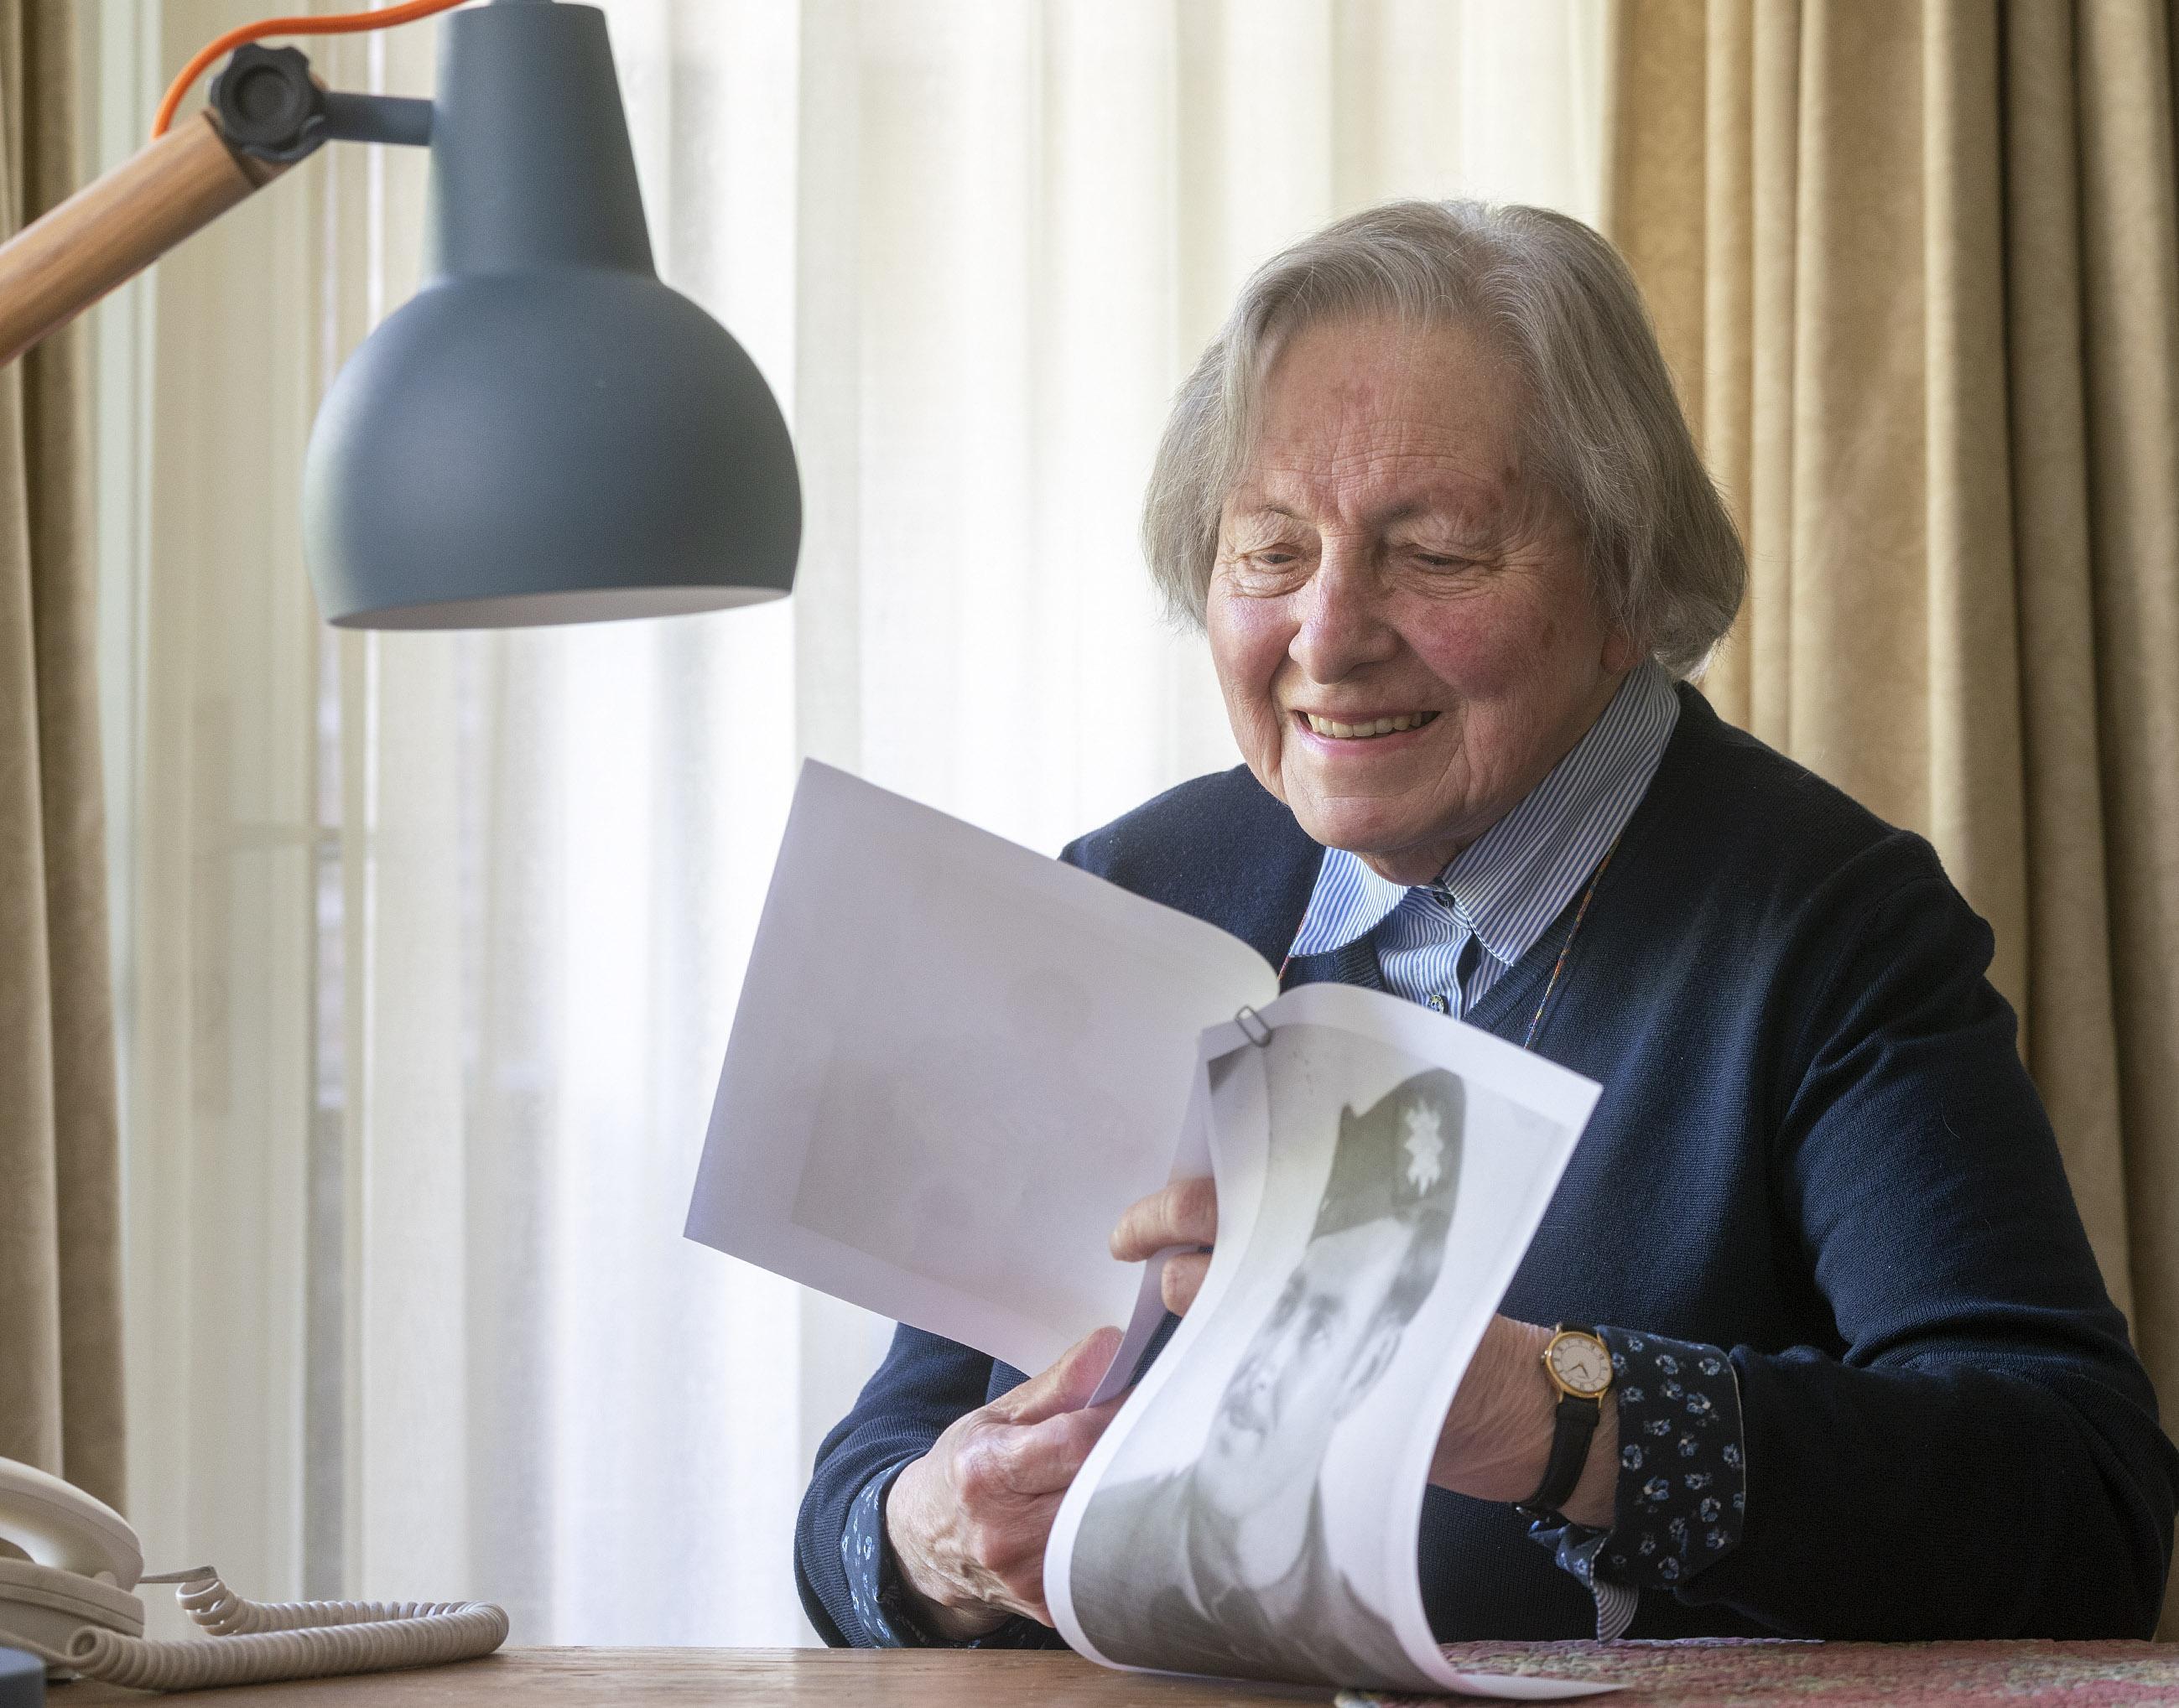 Ogen Alkmaarse Nelly Kroon (91) twinkelen bij zien oude foto van militaire ex-geliefde na bevrijding: 'Ja, dat is hem: Ray, mijn Canadees. Ik denk dat ik heel gelukkig met hem had kunnen worden'